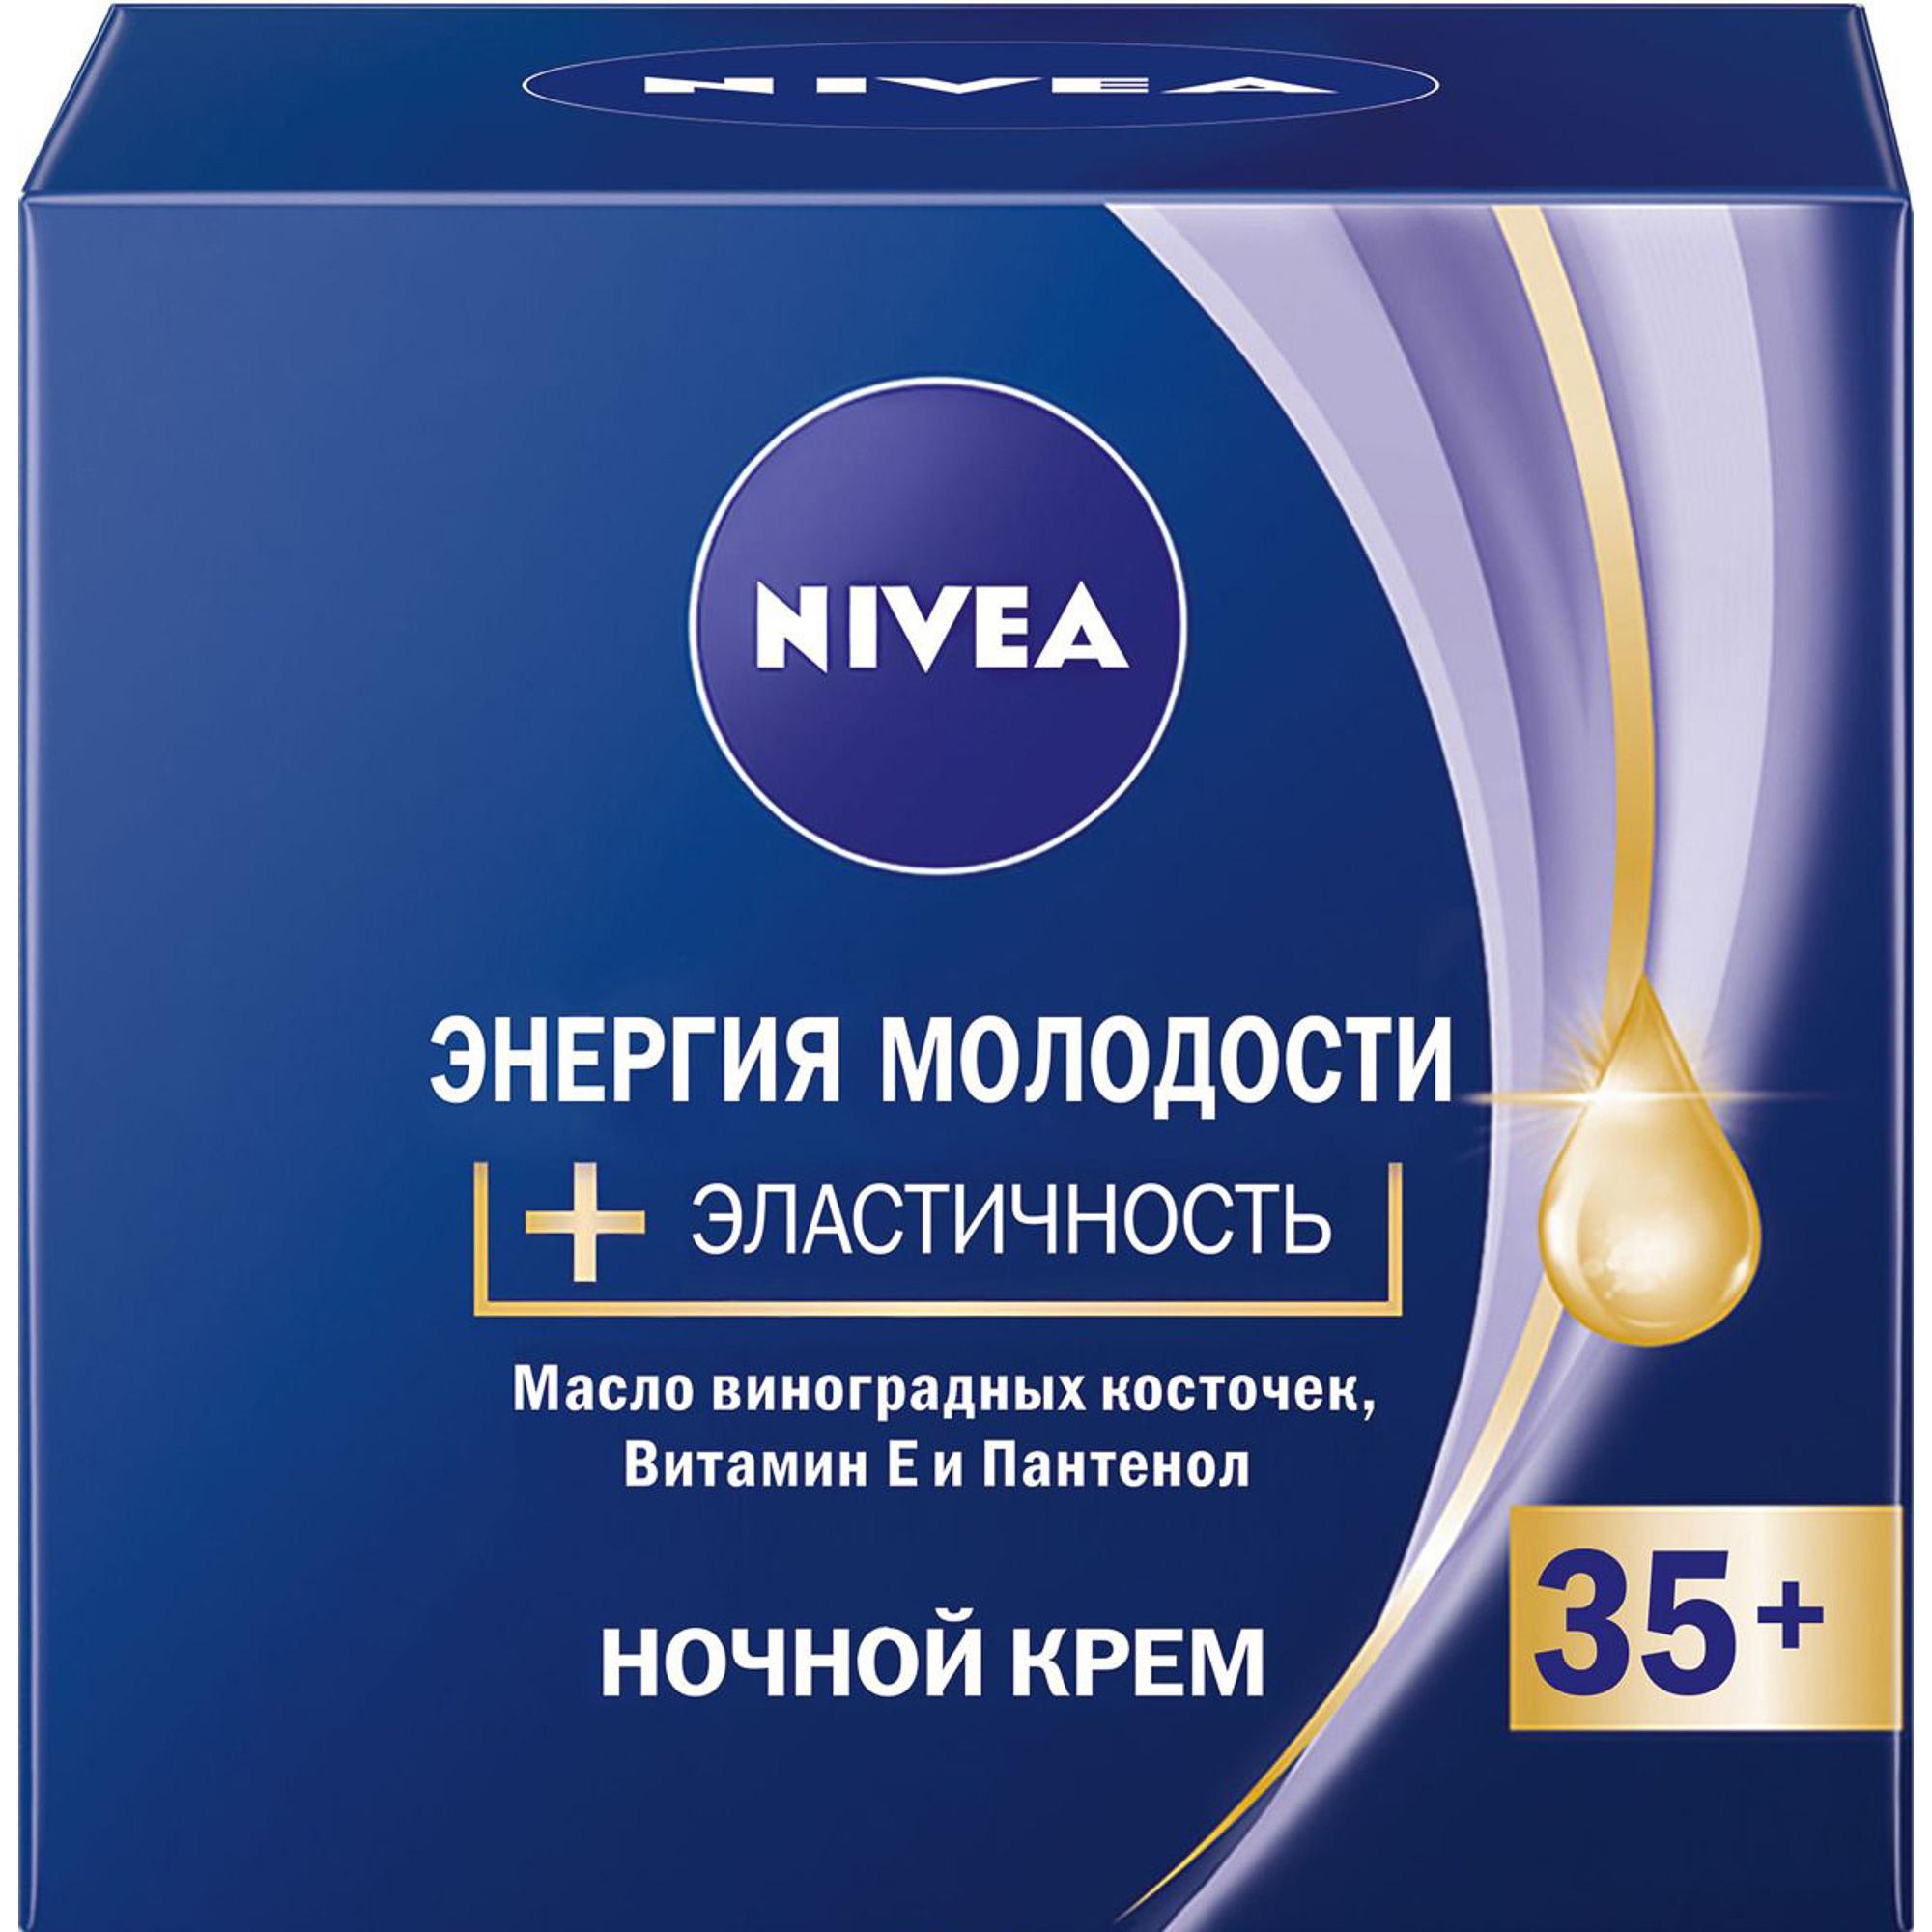 Фото - Крем для лица Nivea Энергия молодости 35+ ночной 50 мл антивозрастной ночной крем для лица против морщин 55 nivea энергия молодости 50 мл